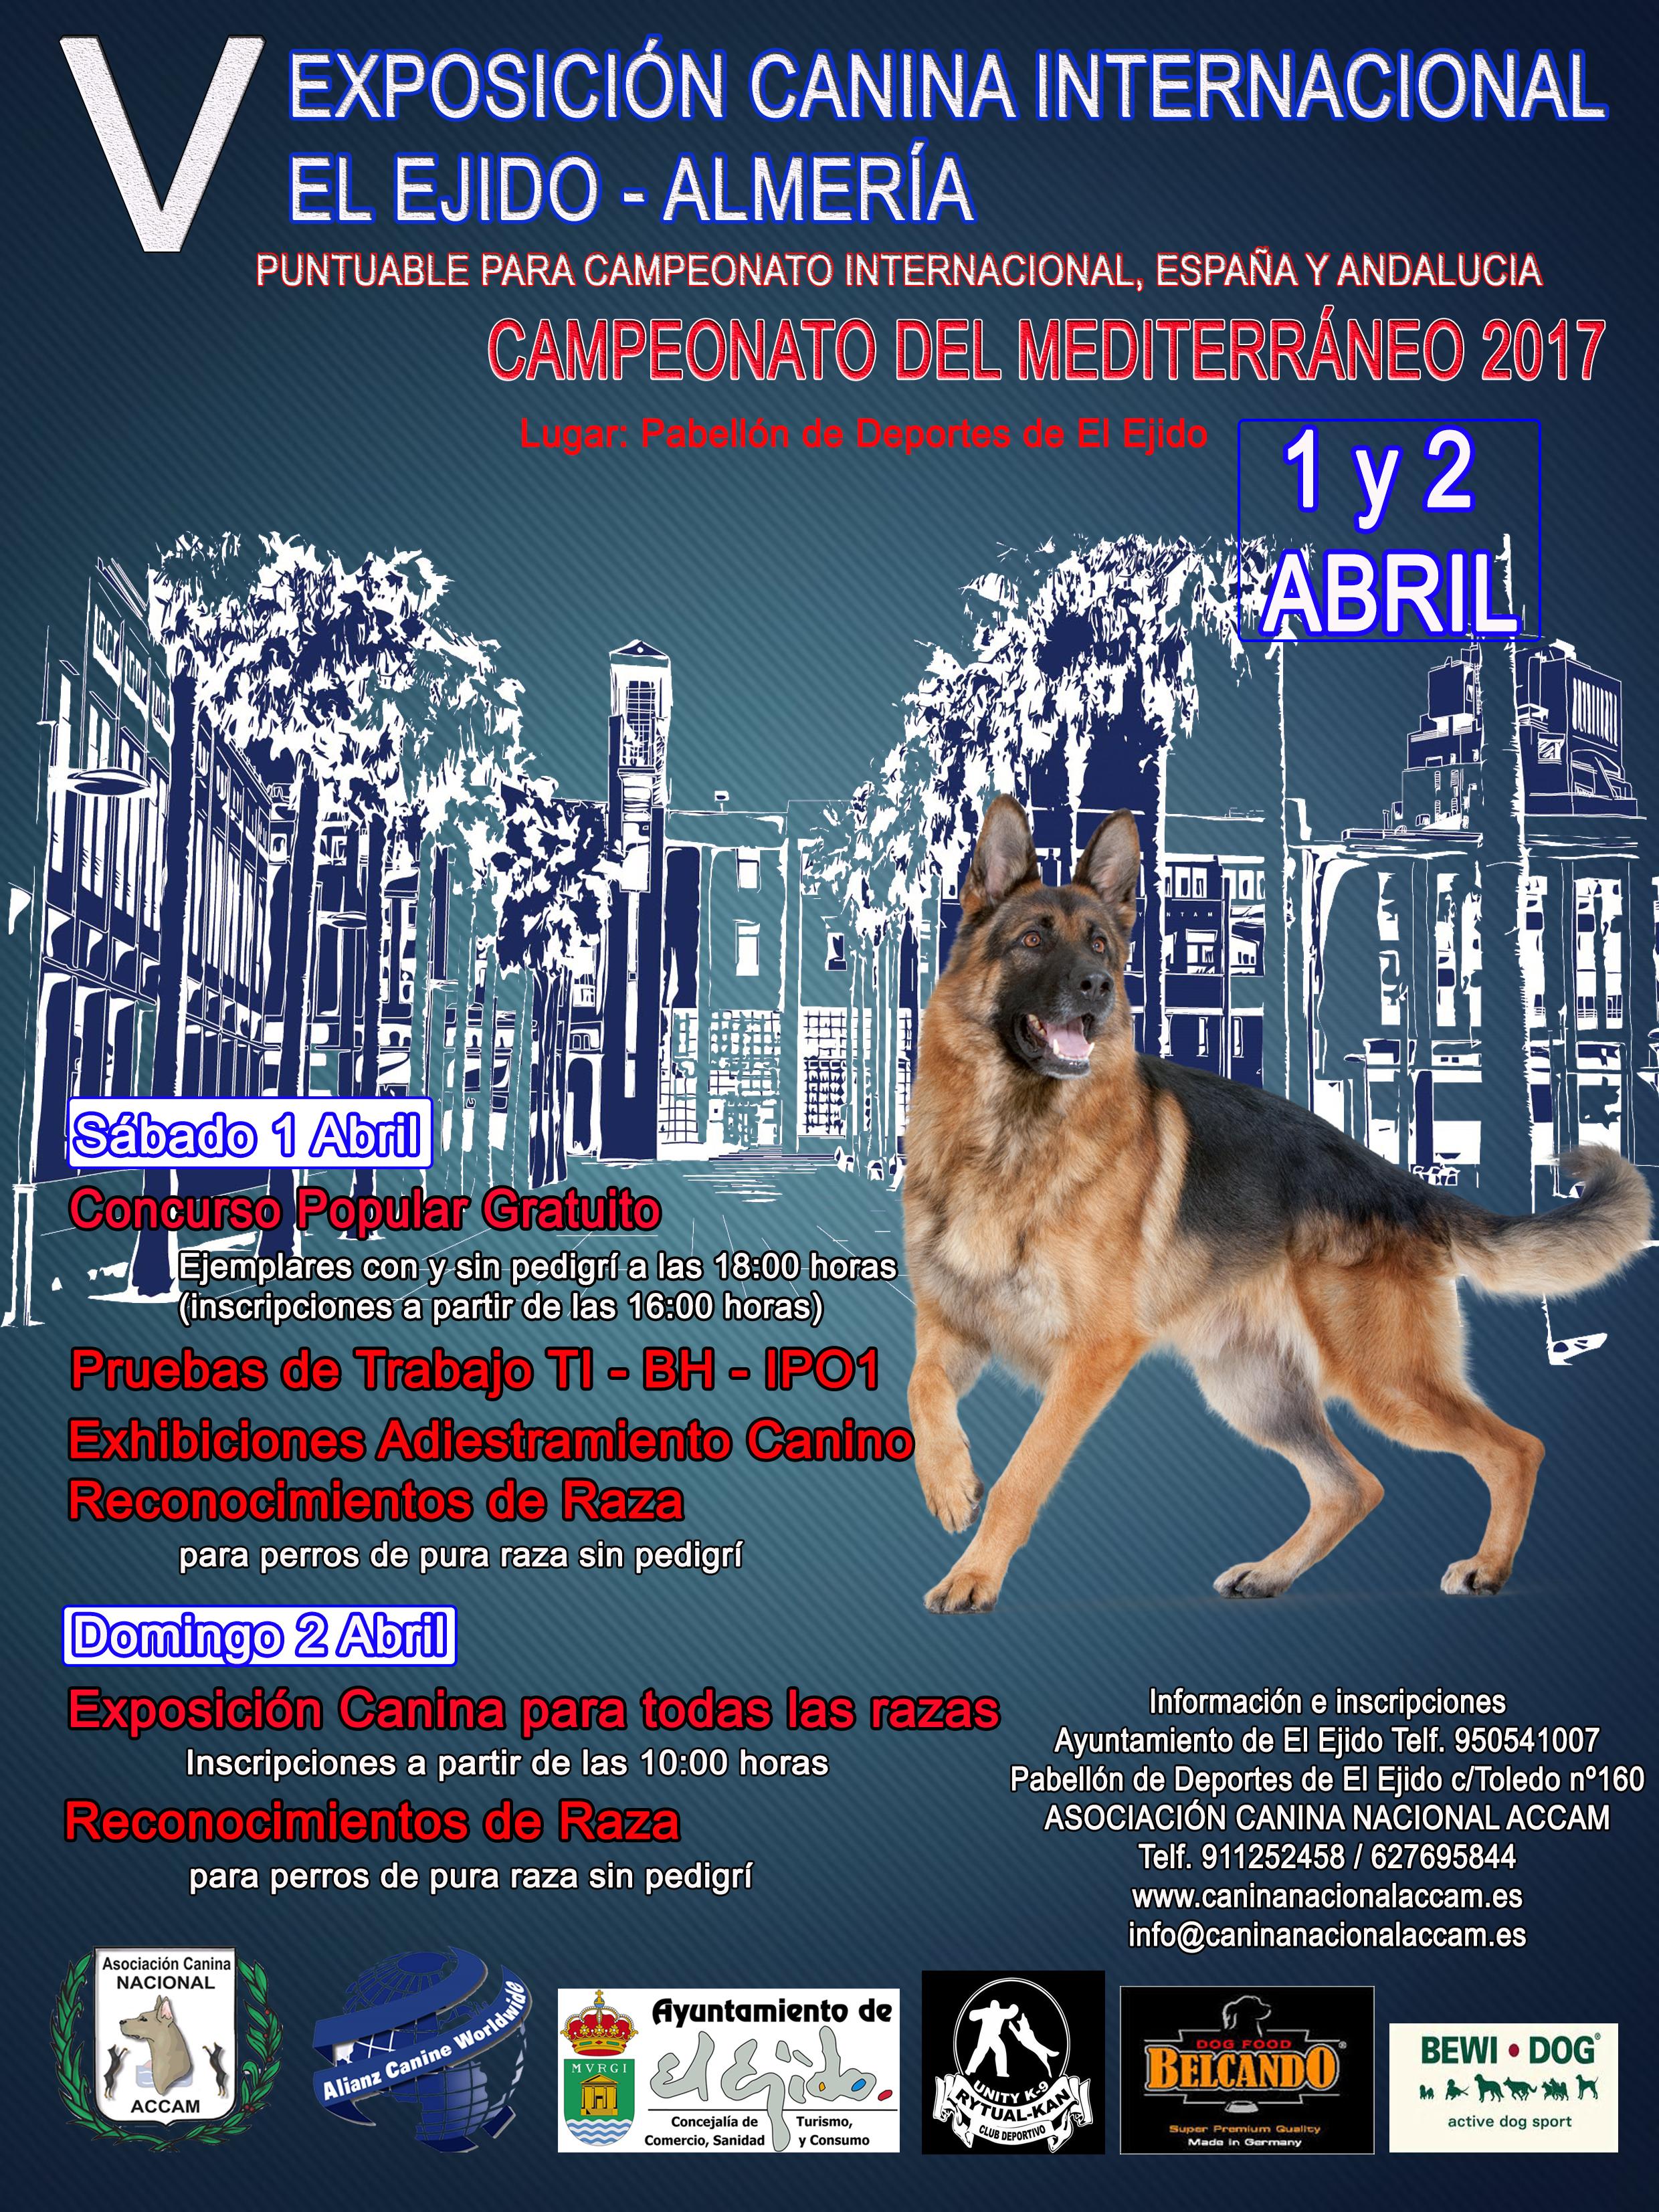 El Ejido dog show 2017